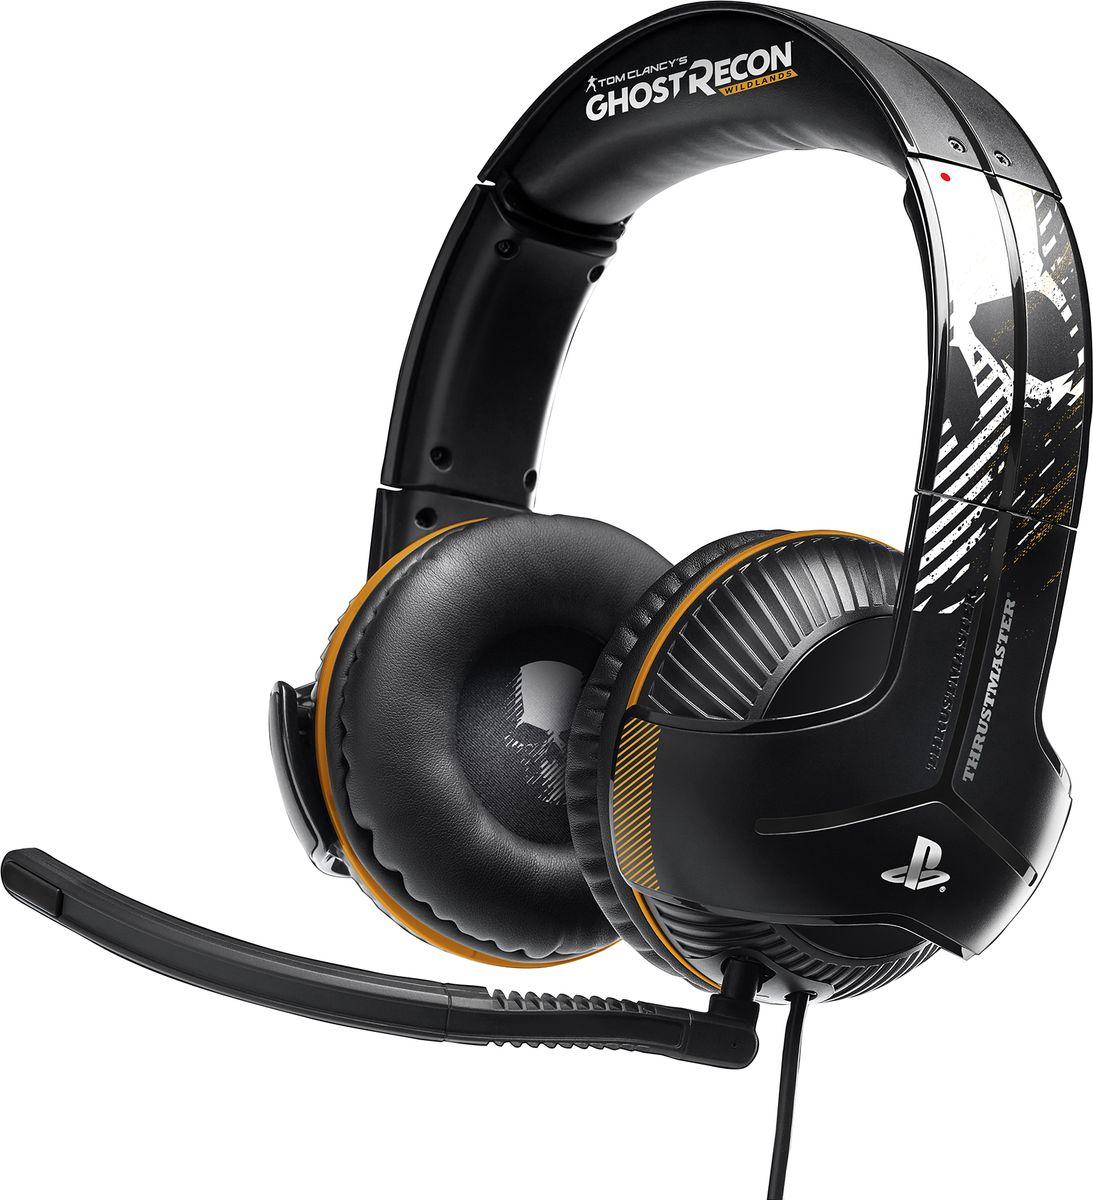 Thrustmaster Y350P Ghost Recon Wildlands игровая гарнитура для PS4THR71Игровая гарнитура Thrustmaster Y-350P 7.1 Surround Sound серии Ghost Recon Wildlands• ИГРОВАЯ ГАРНИТУРА GHOST RECON WILDLANDS — в глобальном партнерстве с легендарным брендом Ghost Recon. Аудиохарактеристики, оптимизированные для PlayStation®4 и электроника для удобной регулировки звука на системе! Удобная настройка благодаря подключению Plug and Play на PS4™ и PS4™ Pro.• Высококачественные мощные 60-мм динамики. Ощутите игровой раж благодаря суперусиленным басовым частотам и оптимальной амплитудно-частотной характеристике для басовых/средних и высоких частот. Слышать ПЕРВЫМ — реагировать ПЕРВЫМ — стрелять ПЕРВЫМ!• Y Sound Commander — контроллер, подключаемый непосредственно к DUALSHOCK 4 и предлагающий технологию 7.1 Virtual Surround Sound, которая позволяет с точностью локализовать направление каждого звука в игре, обеспечивая максимальное погружение в борьбу. Глубокие басы и световой индикатор громкости.• Гарнитура имеет функцию автопитания от встроенного в провод аккумулятора в Sound Commander, который питает функции активного баса и виртуального объемного звука 7.1.• Идеальное сочетание удобства и звукоизоляции. 100% пена с эффектом памяти на ушных подушках и двойное электроакустическое усиление нижних частот в сочетании с электронным усилением басов, встроенным непосредственно в контроллер.Официальный продукт: гарнитура Y-350P серии Ghost Recon Wildlands и PlayStation 4АУДИОПРЕВОСХОДСТВО и наработки компании Sony Interactive Entertainment. В глобальном партнерстве с легендарным брендом.Дизайн в неповторимом стиле Ghost Recon Wildlands.Игровая гарнитура с официальной лицензией — для идеального звучания игр на PlayStation 4!САМЫЕ МОЩНЫЕ В ИСТОРИИ БАСЫ ДЛЯ КОНСОЛИВысококачественные мощные 60-мм динамики — ощутите игровой раж благодаря суперусиленным басовым частотам! Двойное электроакустическое усиление басов благодаря специальному дизайну ушных чашек. Дополняется электронным усилением басов, 